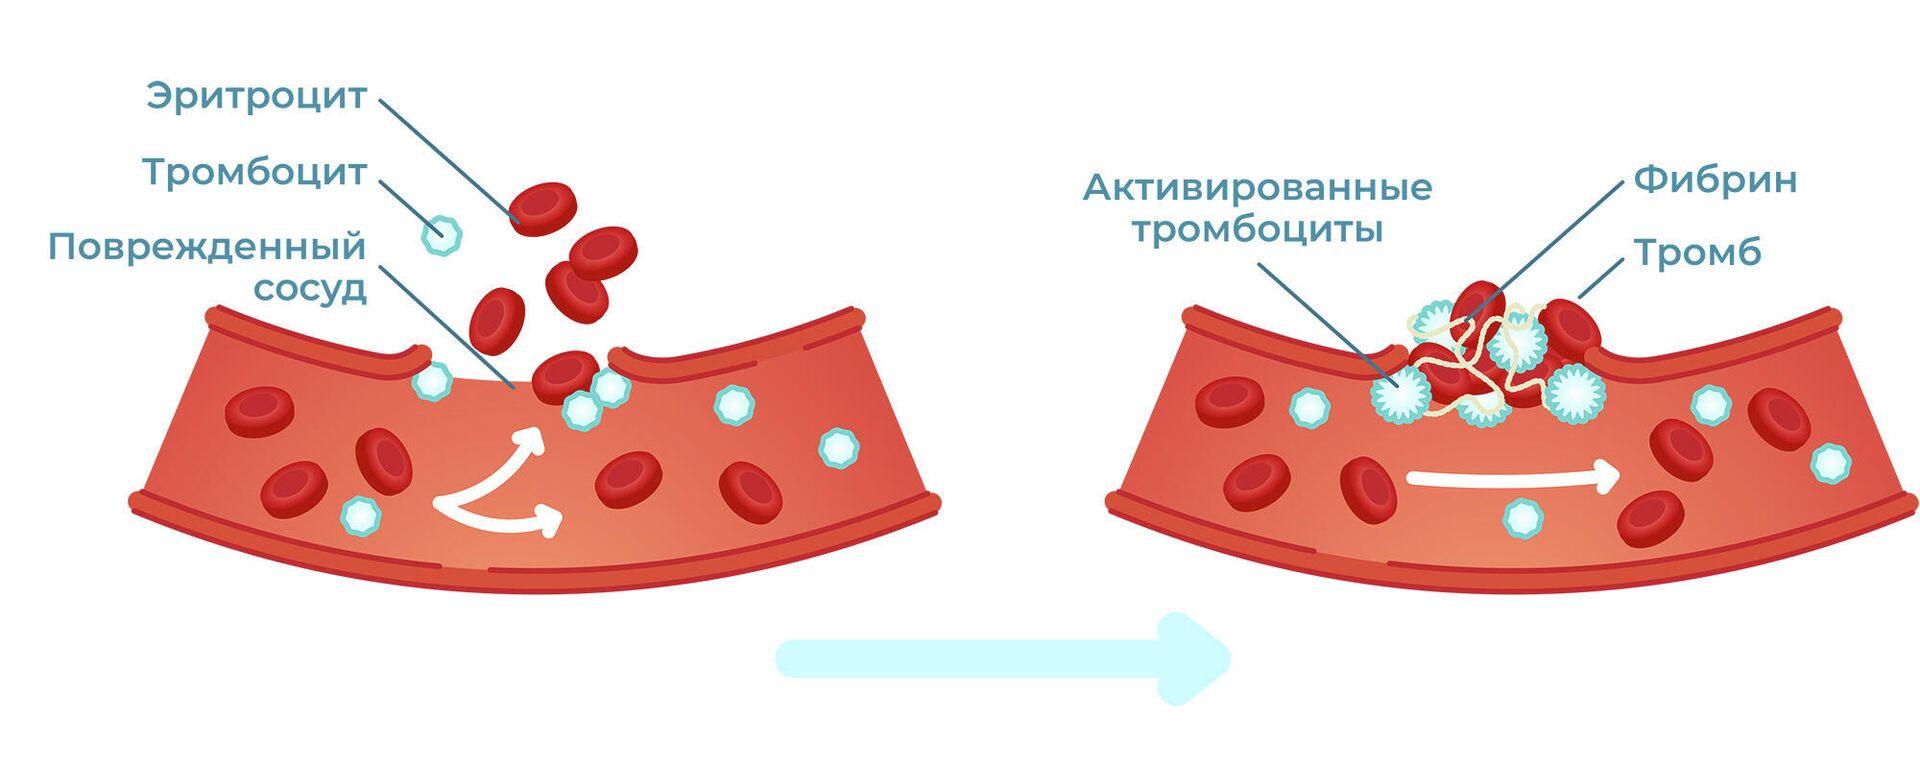 """""""Страдают легкие"""". Ученые рассказали о риске тромбоза при COVID-19"""